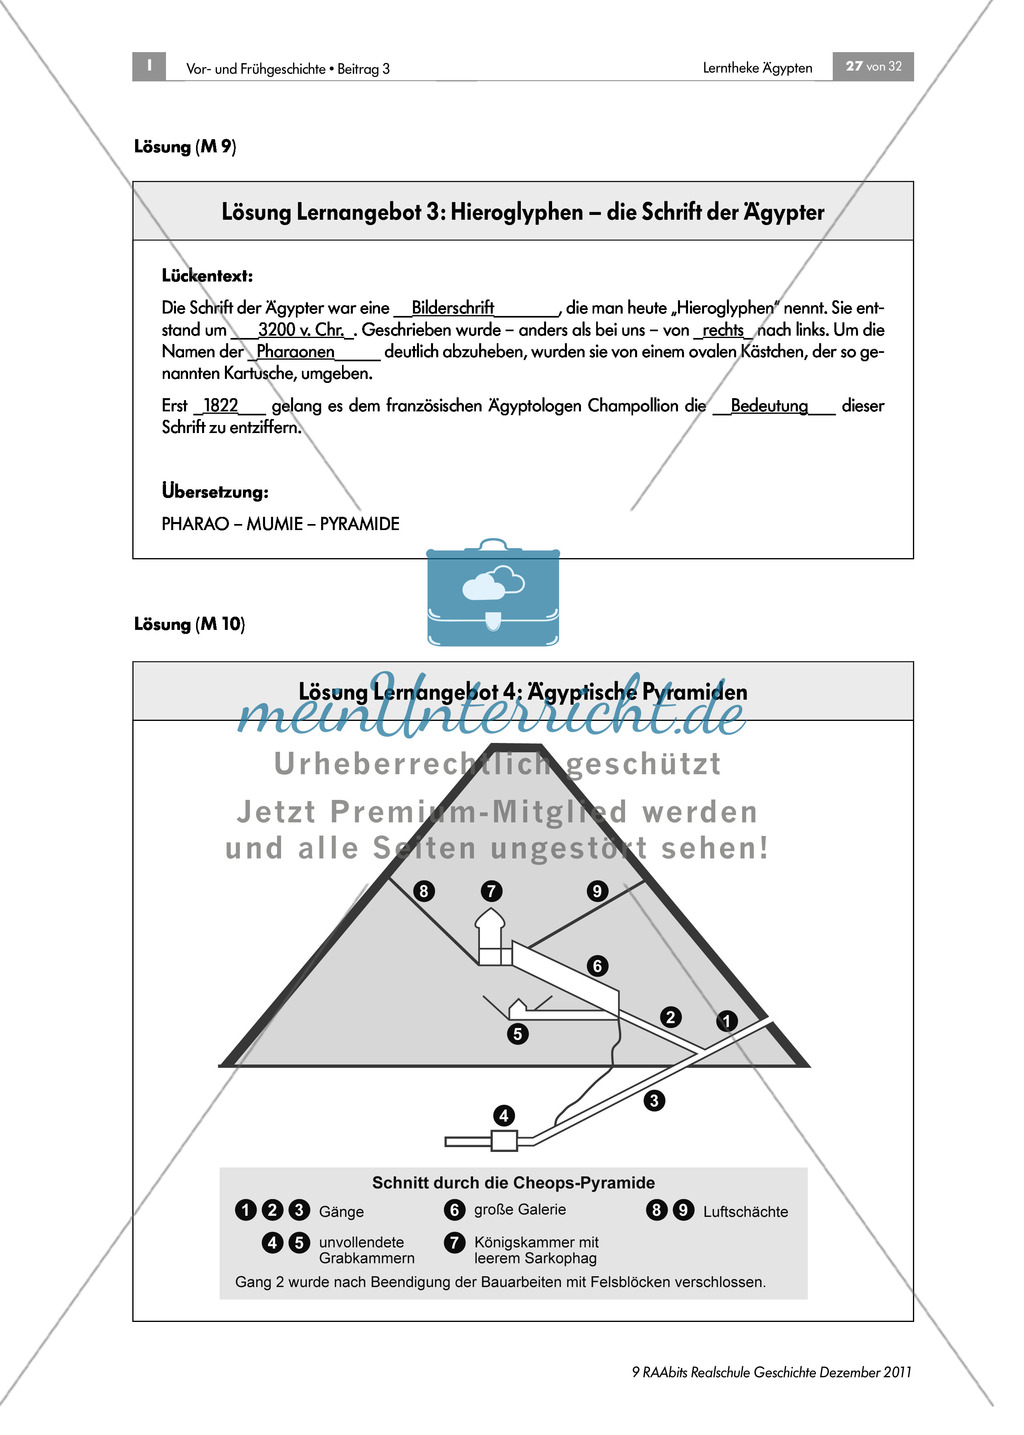 Ägyptische Pyramiden: Aufbau und Beschriftung des Querschnitts + ...